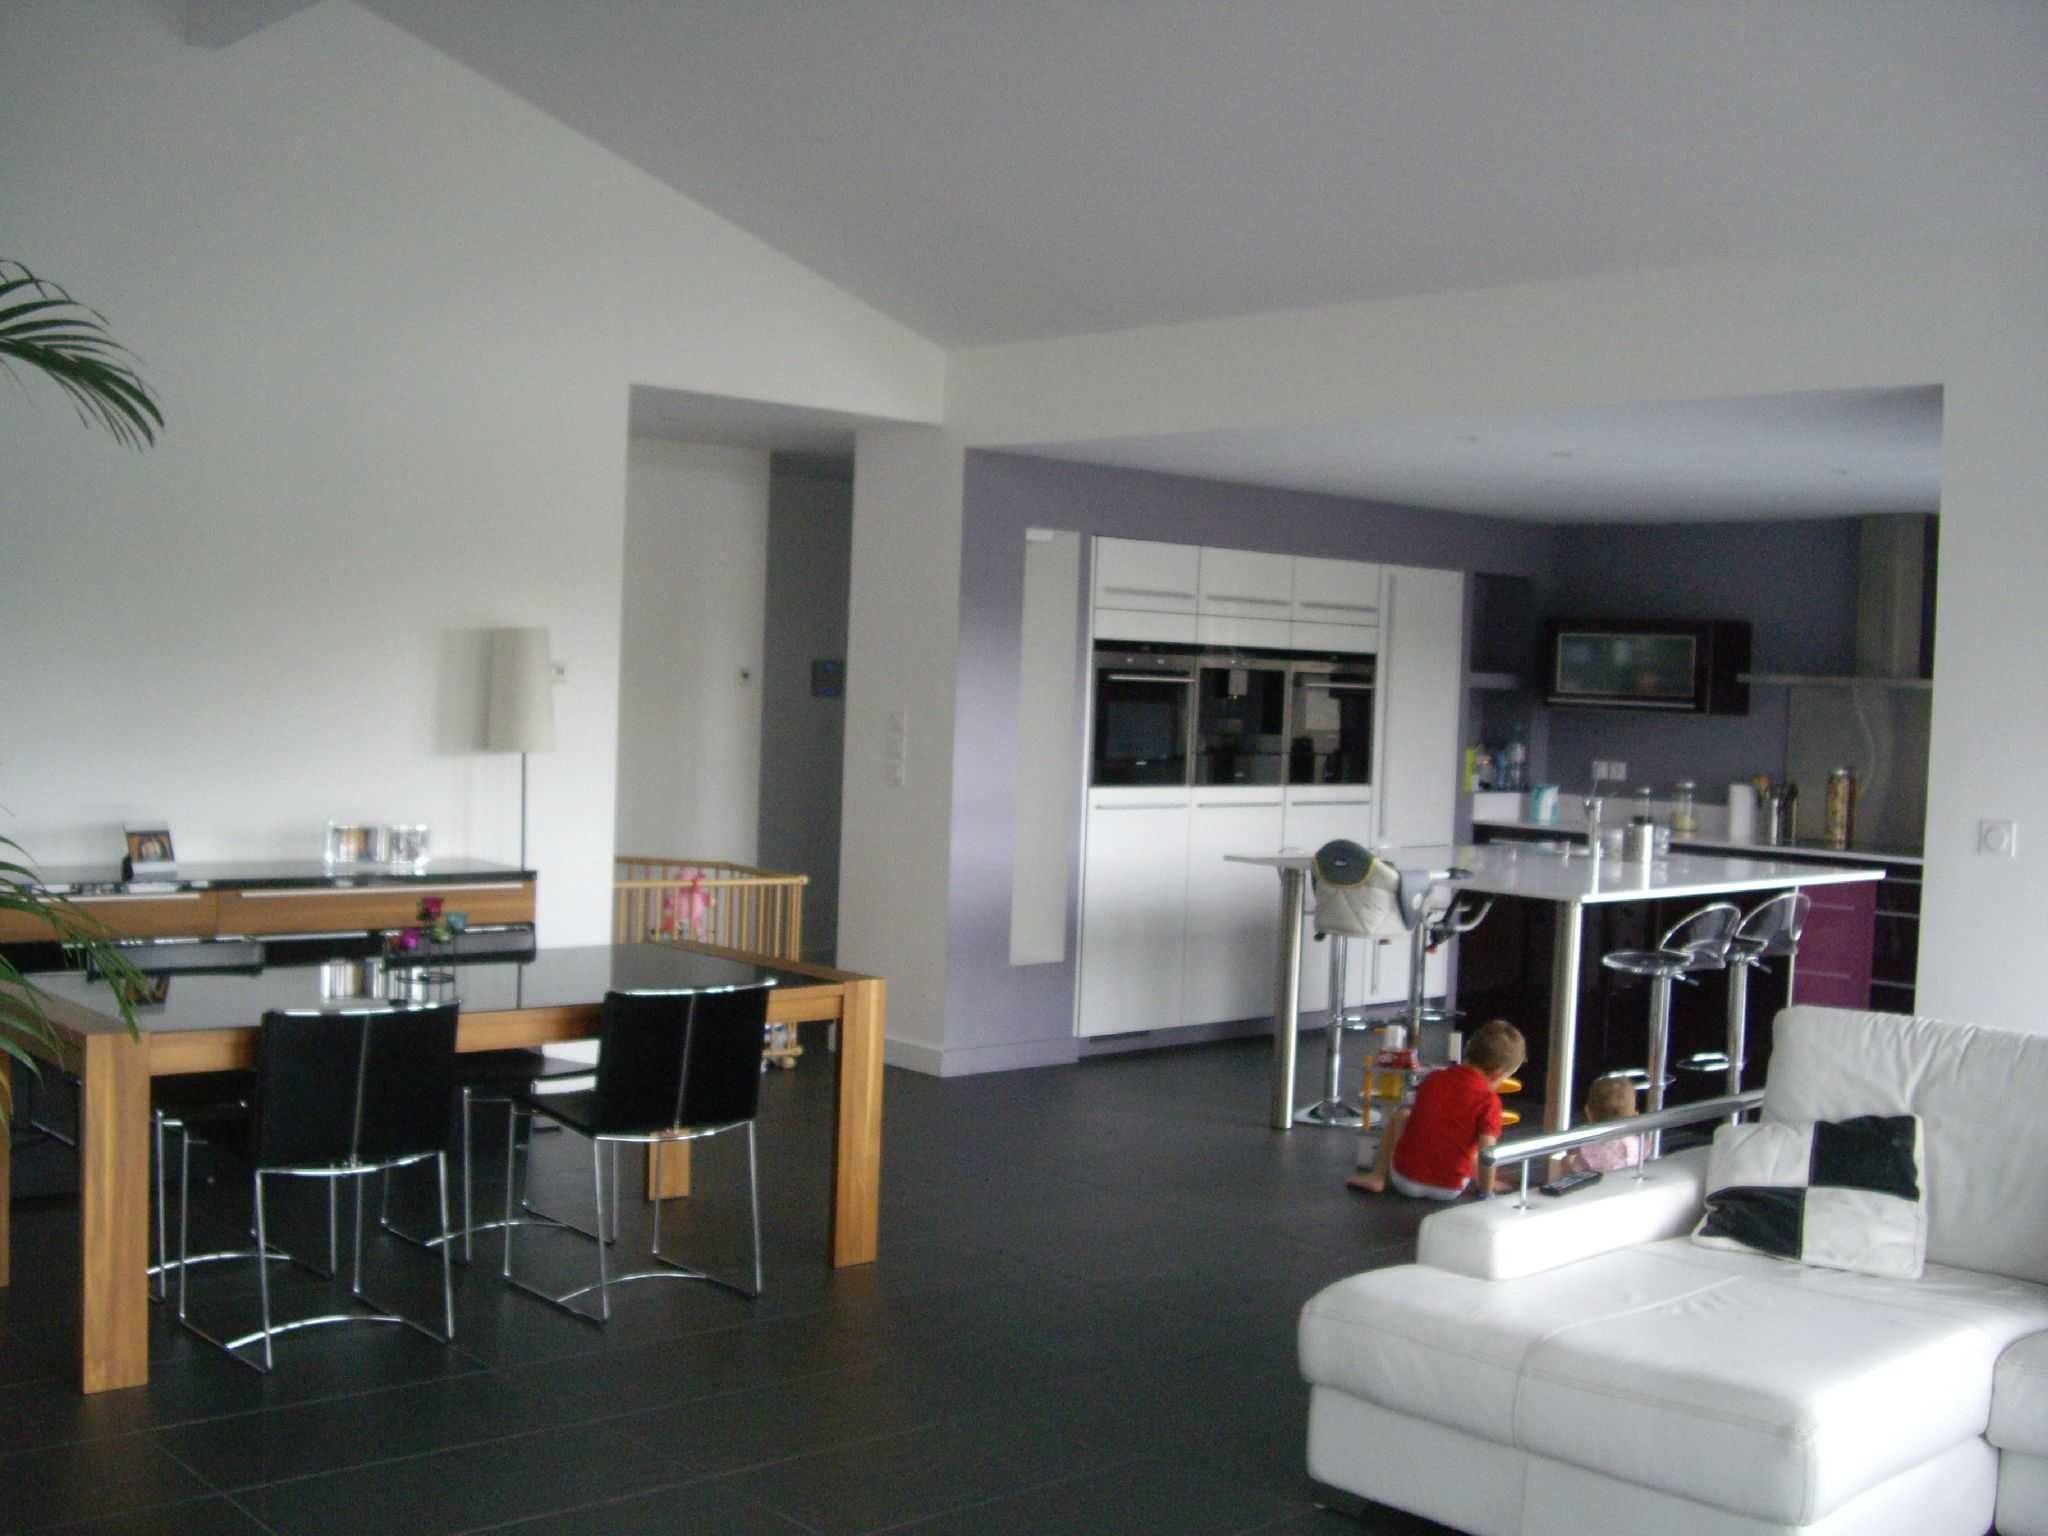 Luxury Aménagement Cuisine Salon 30M2 | Home, Home Decor serapportantà Salon Cuisine 30M2 Aménagement